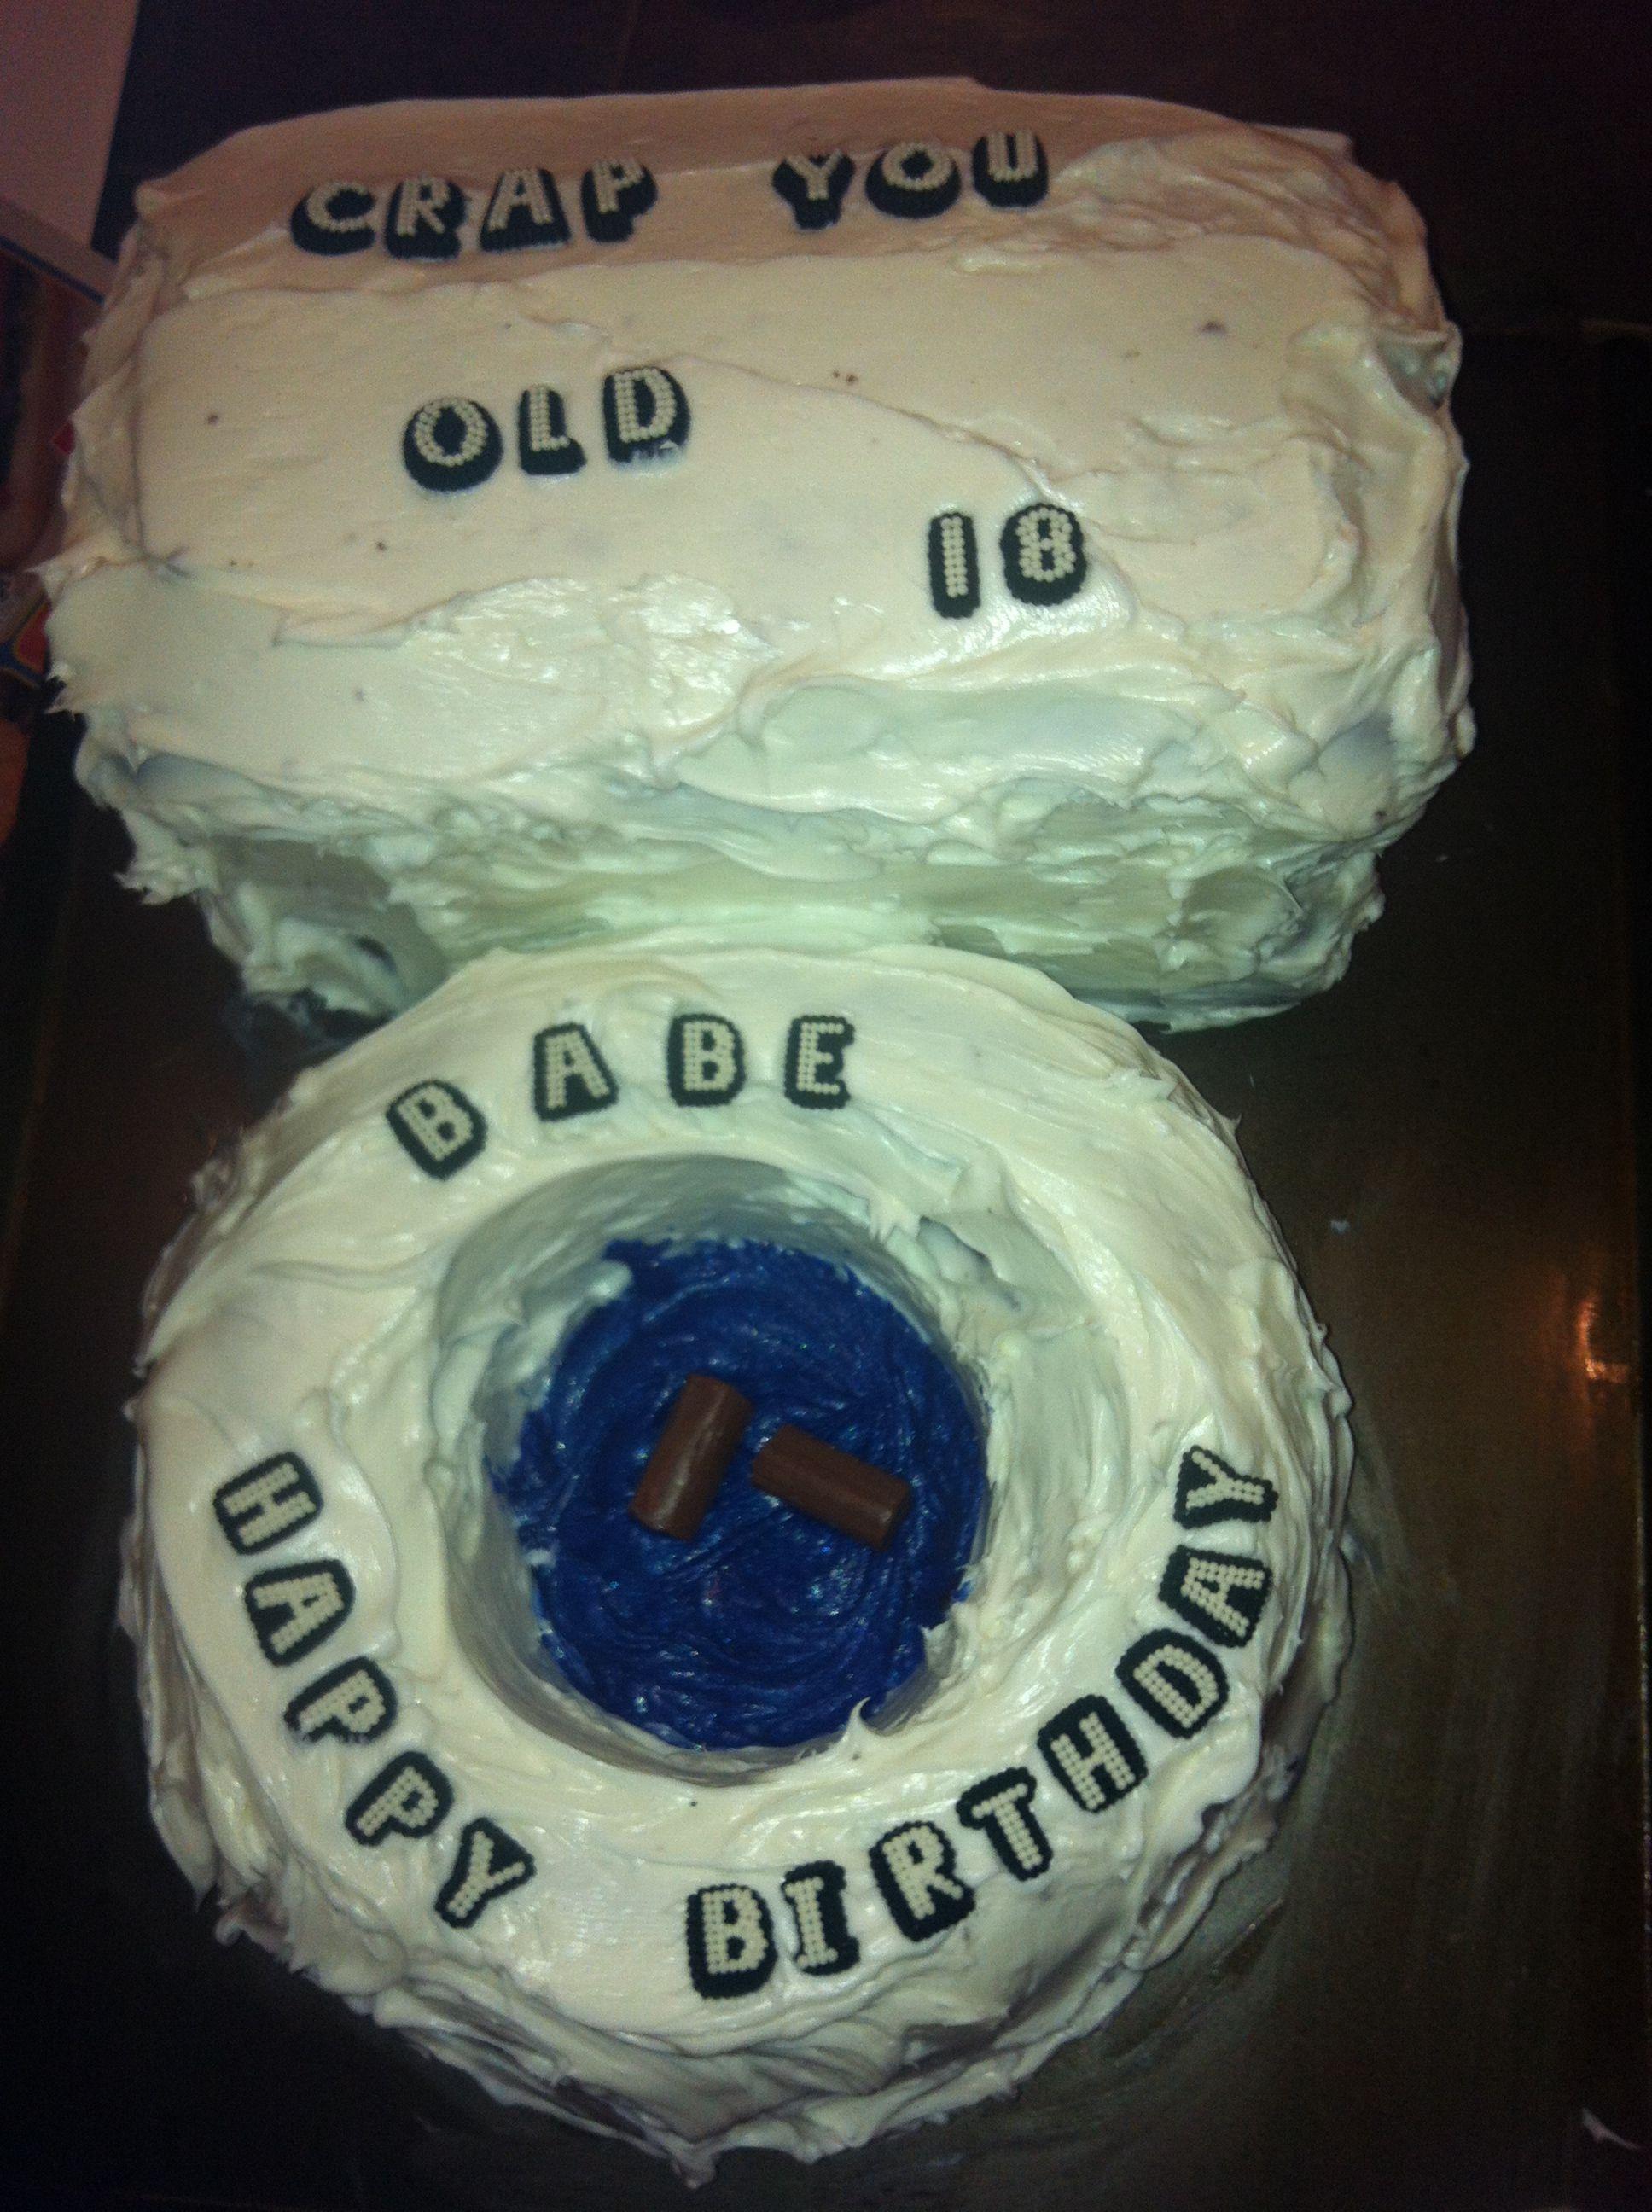 My boyfriends birthday cake I made | Birthday cake for ...